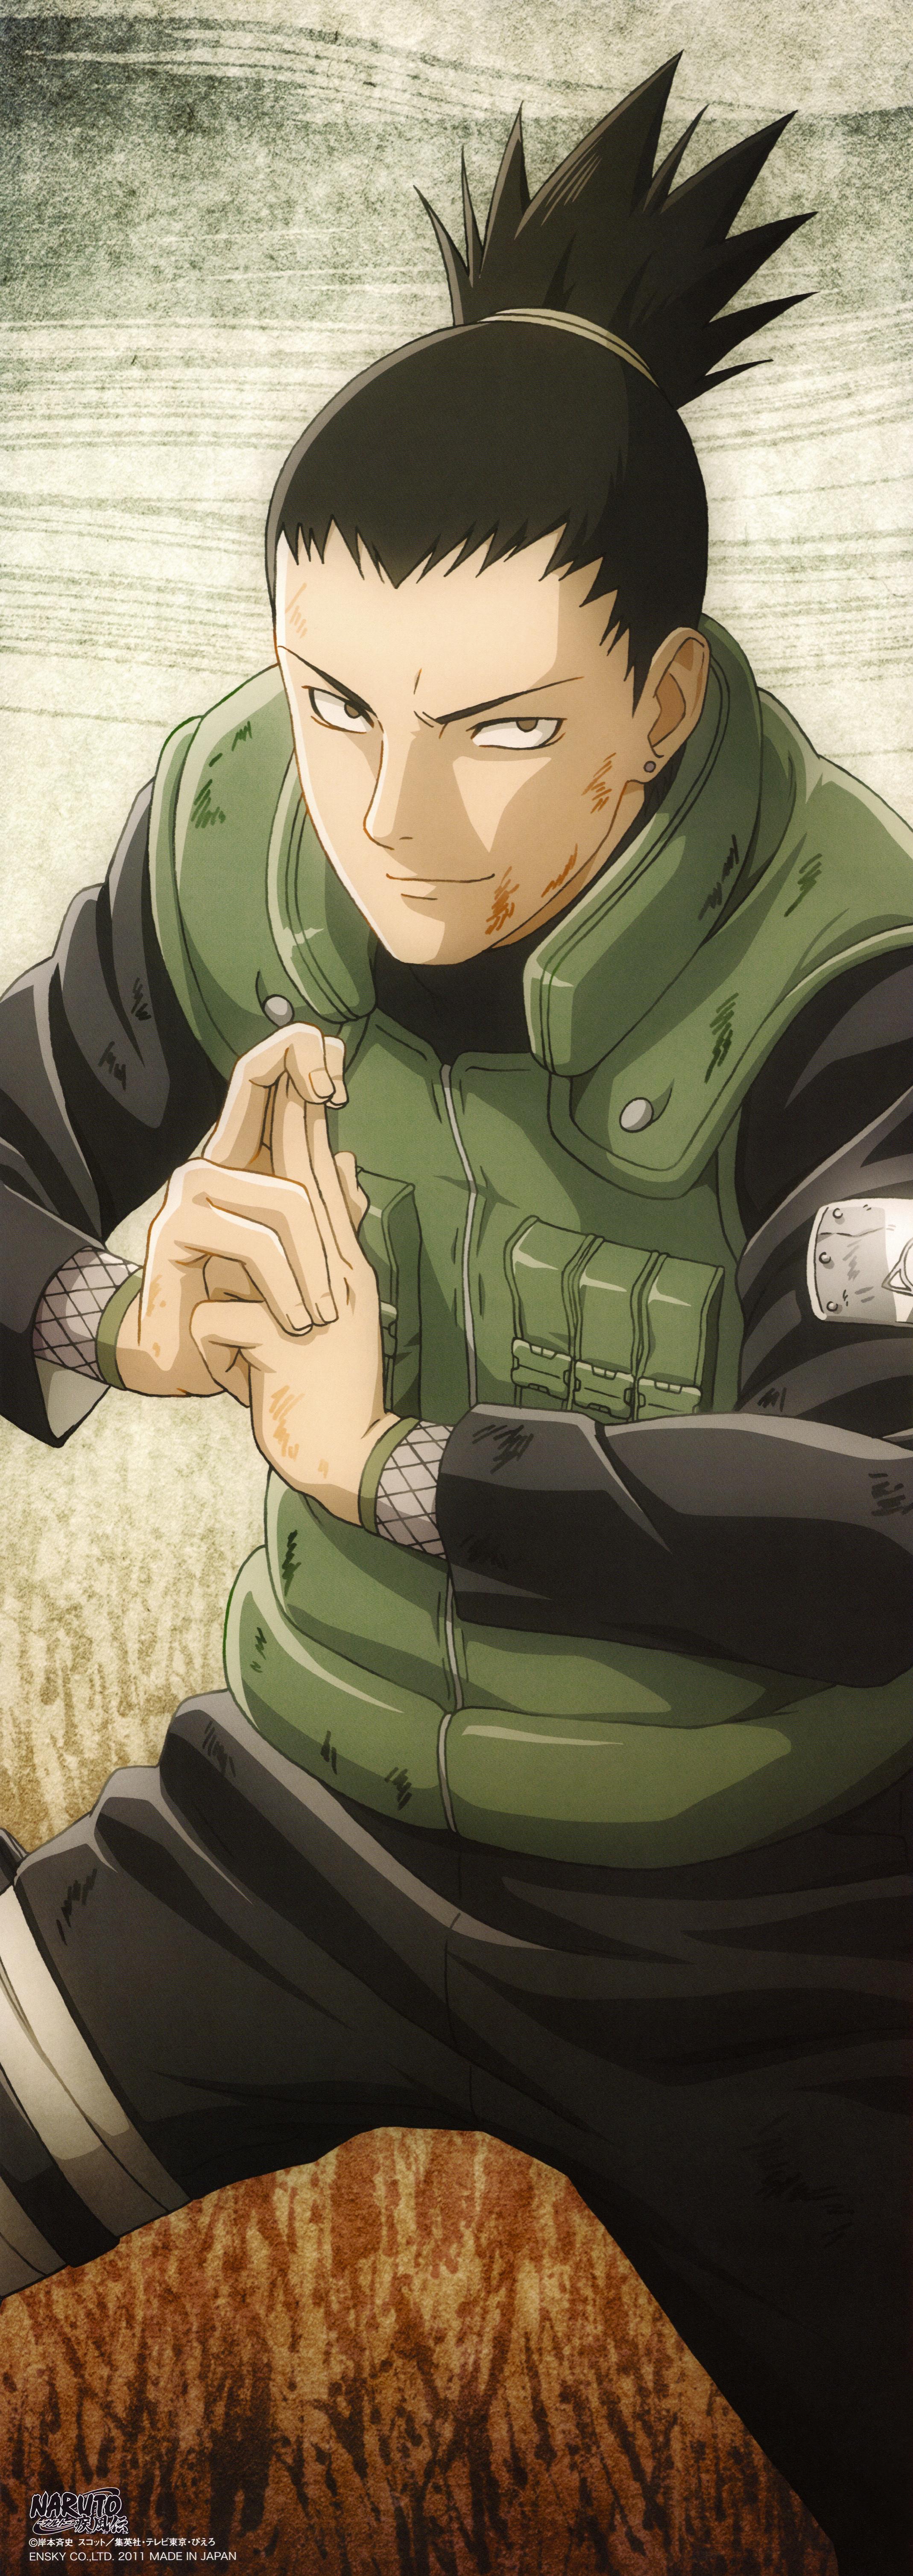 Nara Shikamaru Naruto Zerochan Anime Image Board